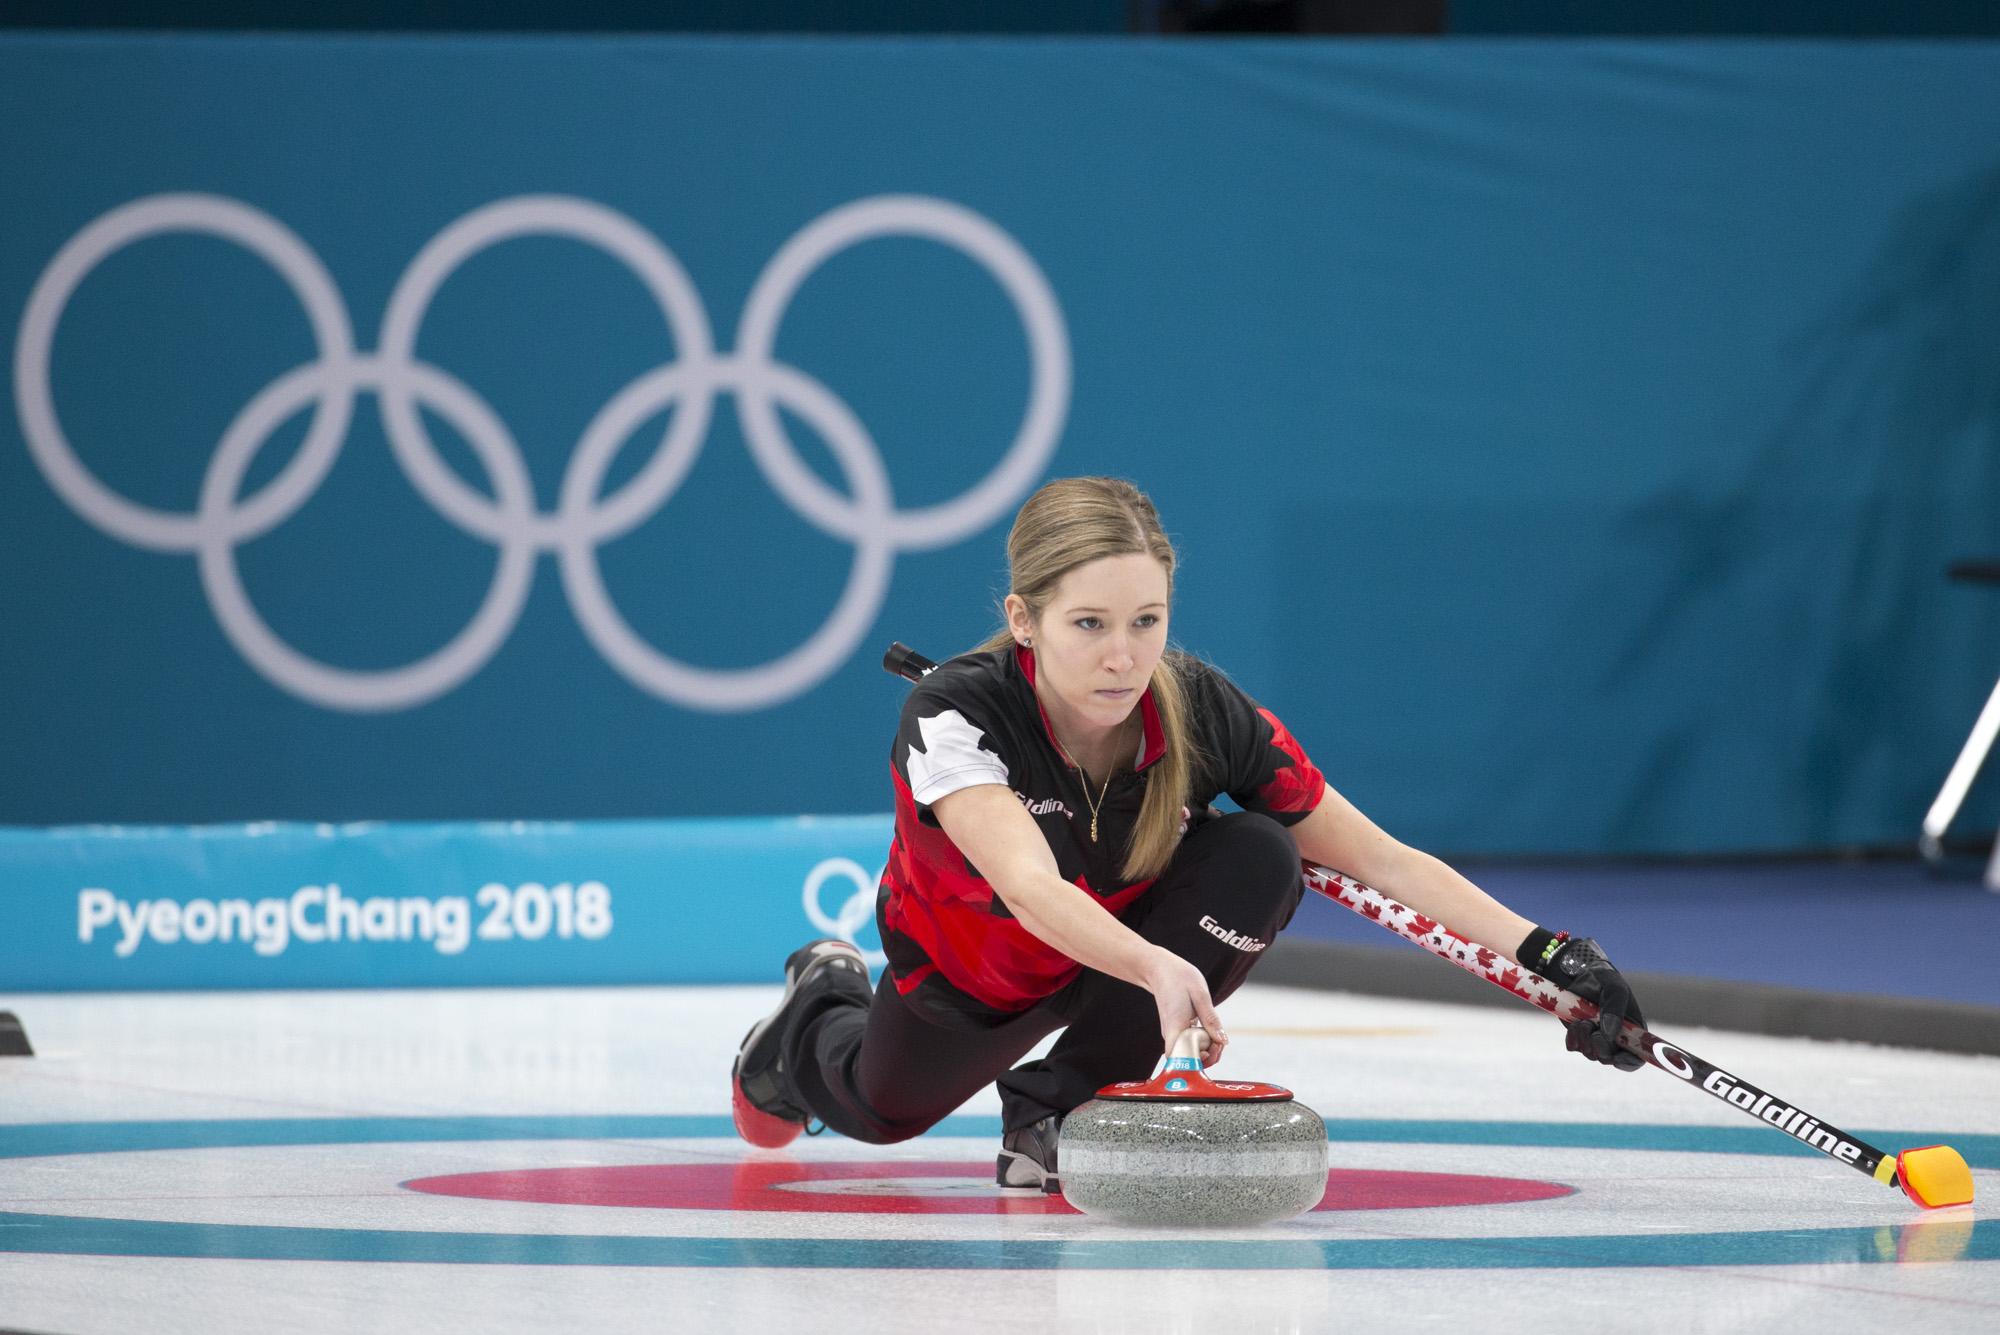 Team Canada Kaitlyn Lawes PyeongChang 2018